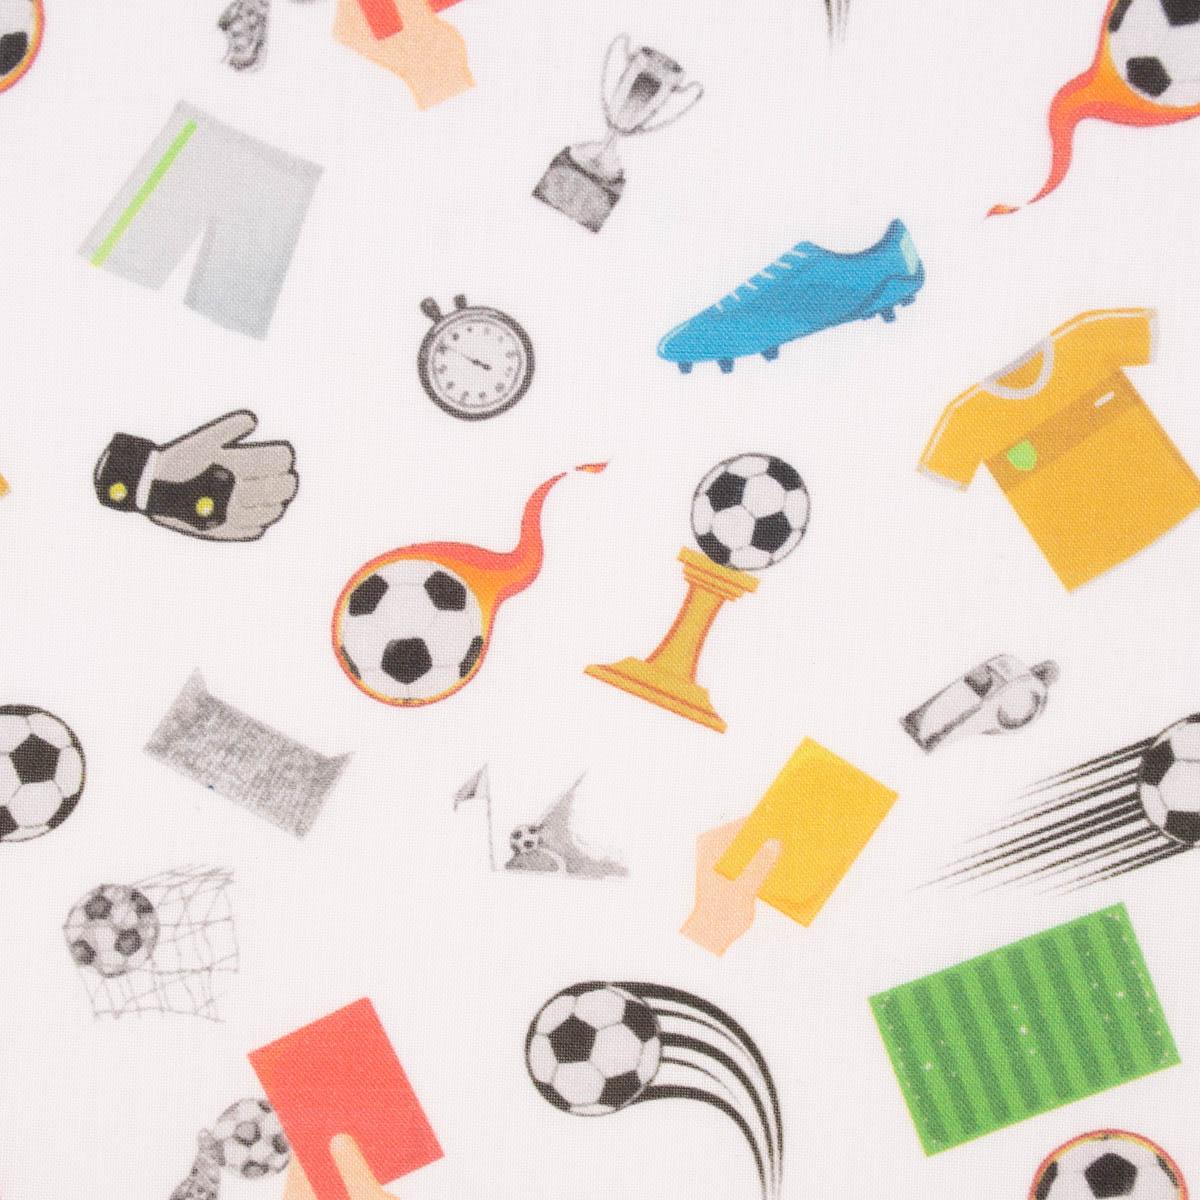 Baumwollstoff GOTS Bio Soccer Fußballmotive weiß bunt 1,50m Breite